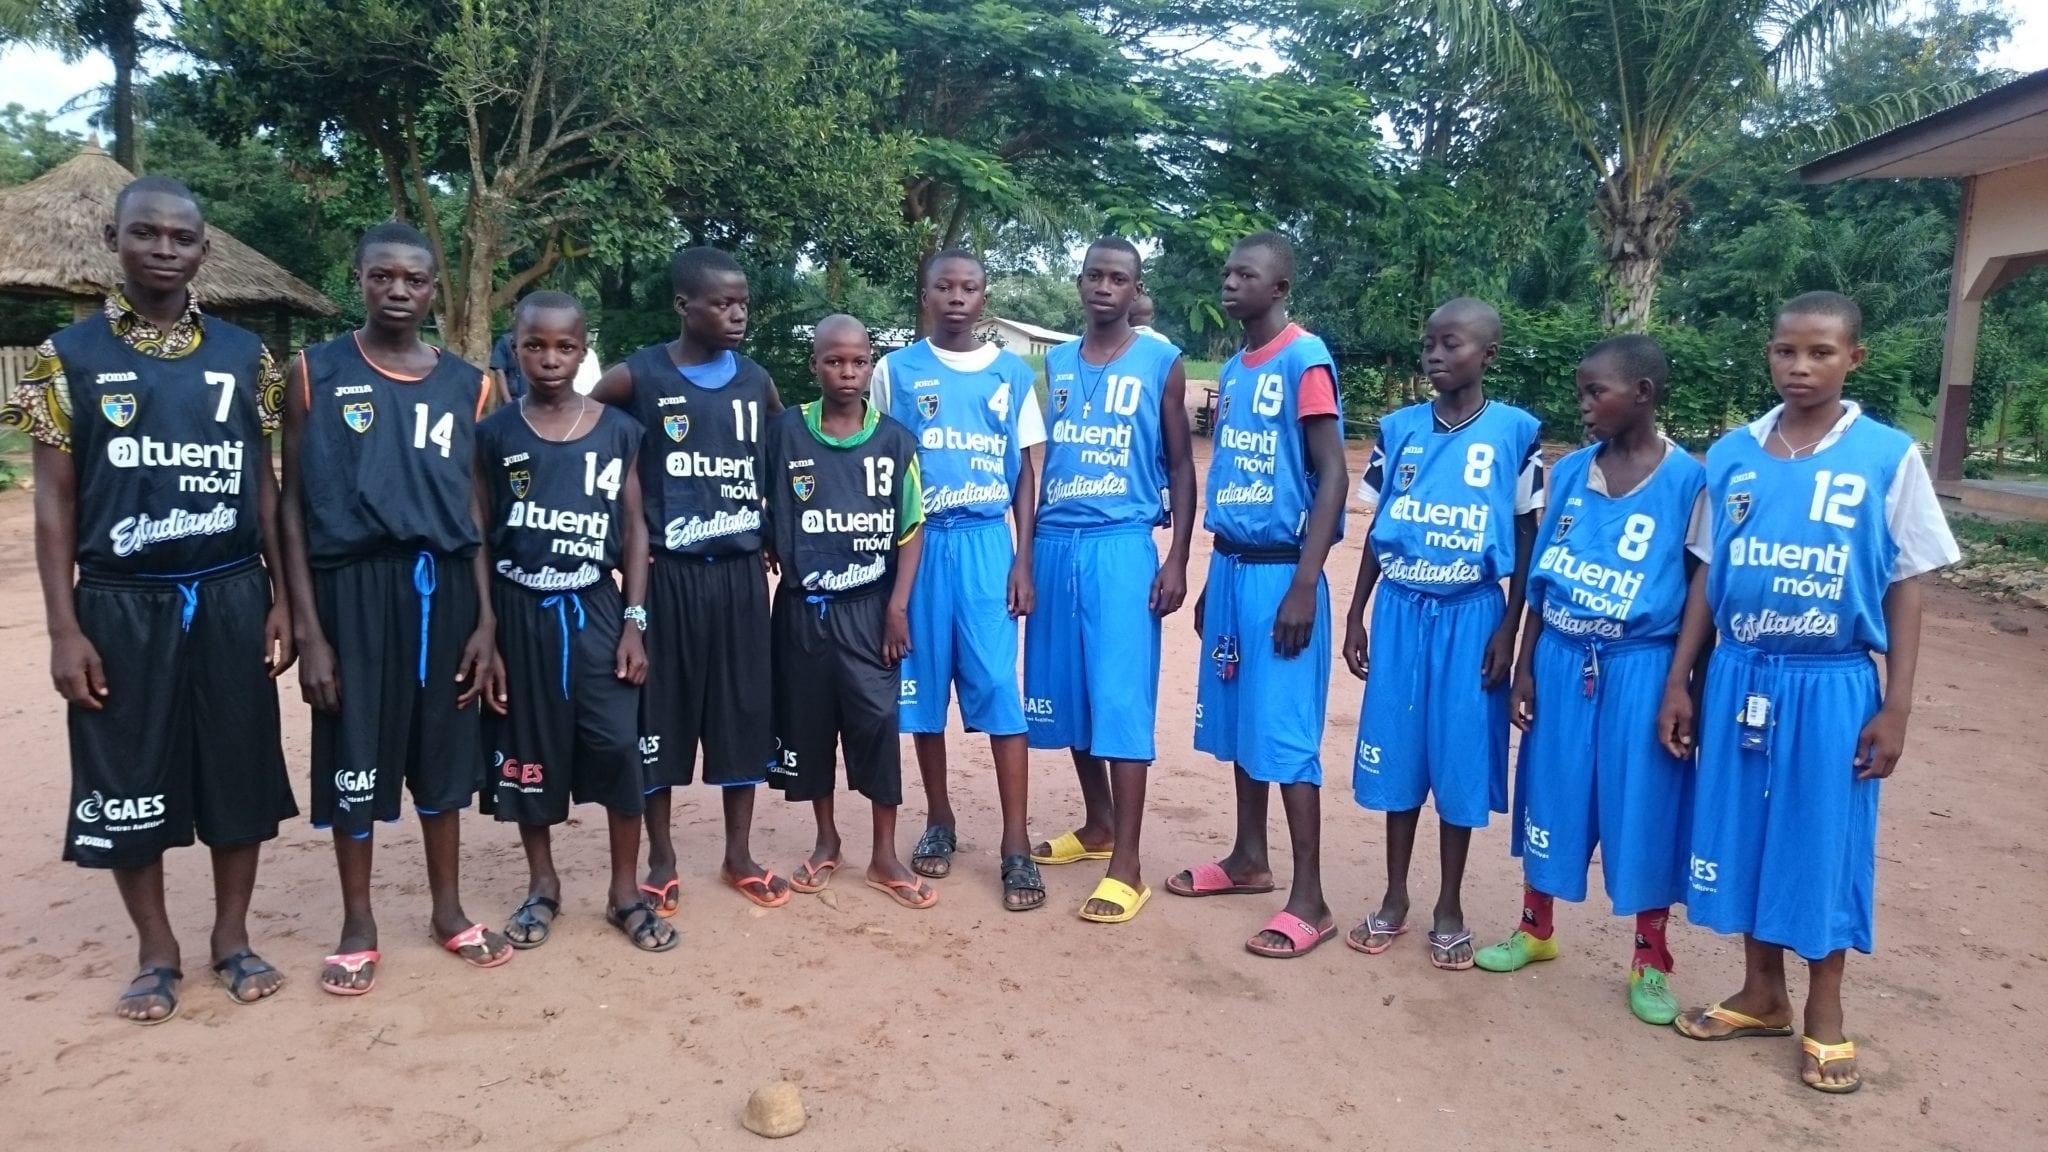 Forus viste del Estu al colegio San Andrés de Bakouma, en República Centroafricana